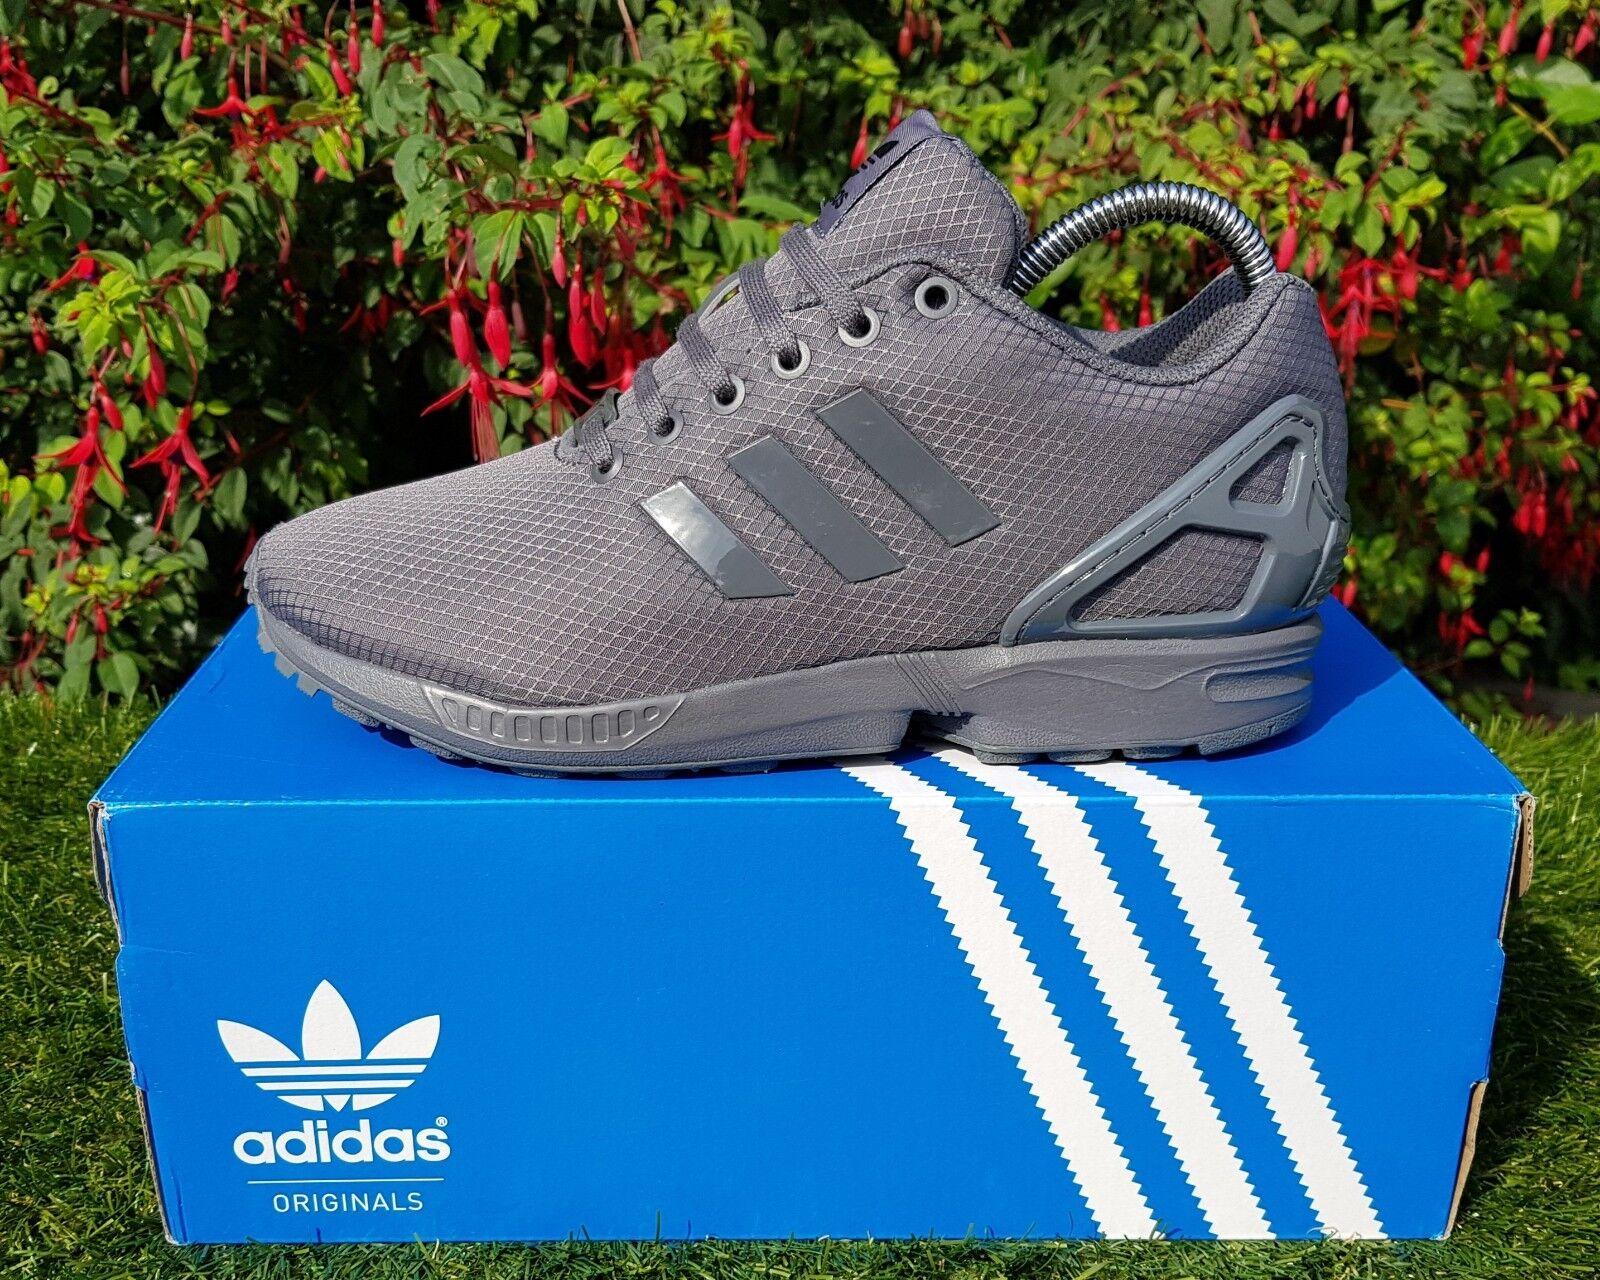 BNWB & Genuine Adidas Ripstop Originals ZX Flux ® Ripstop Adidas Triple Grigio Tg 61c22d